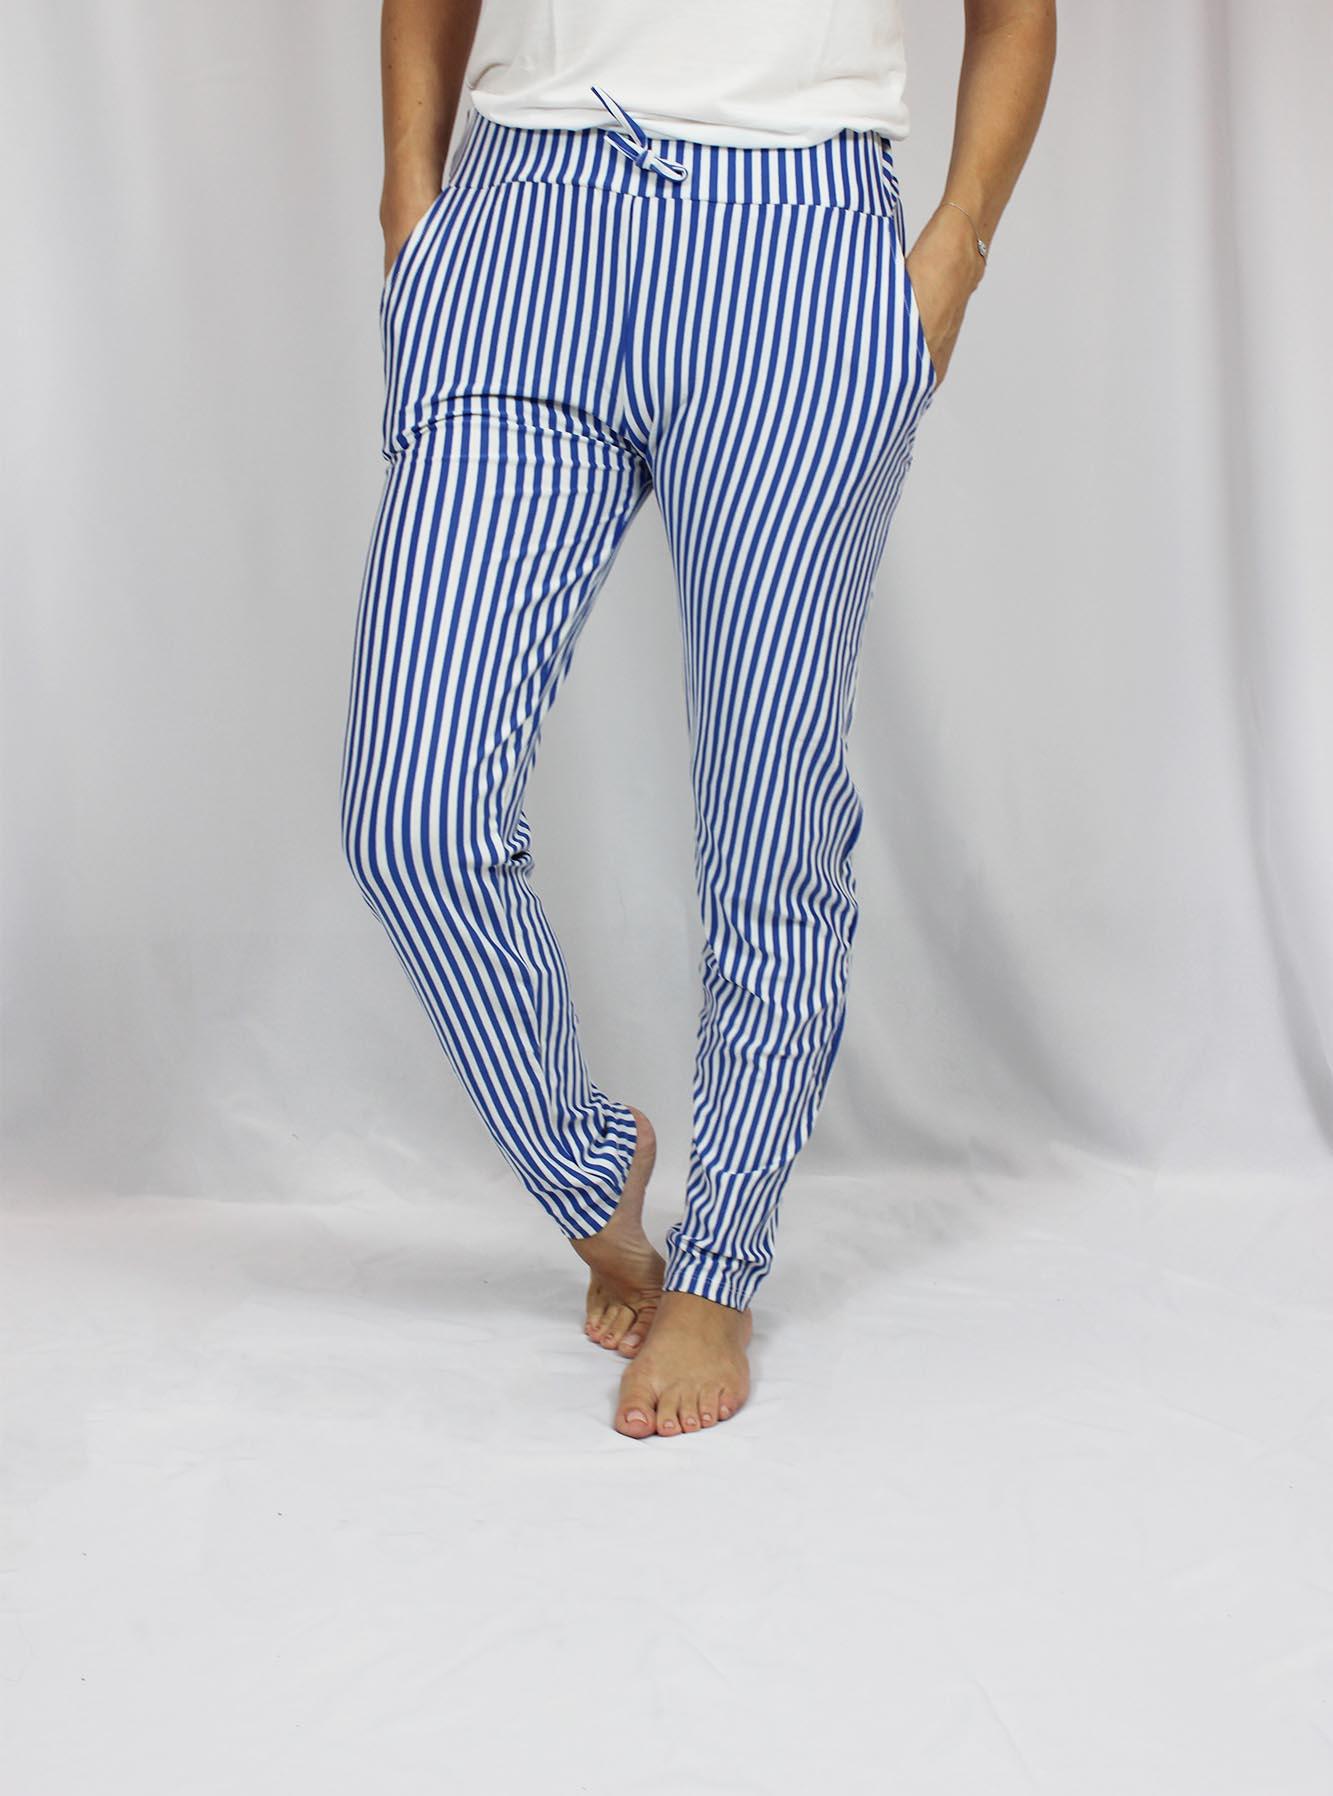 Calça Viscolycra Feminina - Listrado Branco e Azul